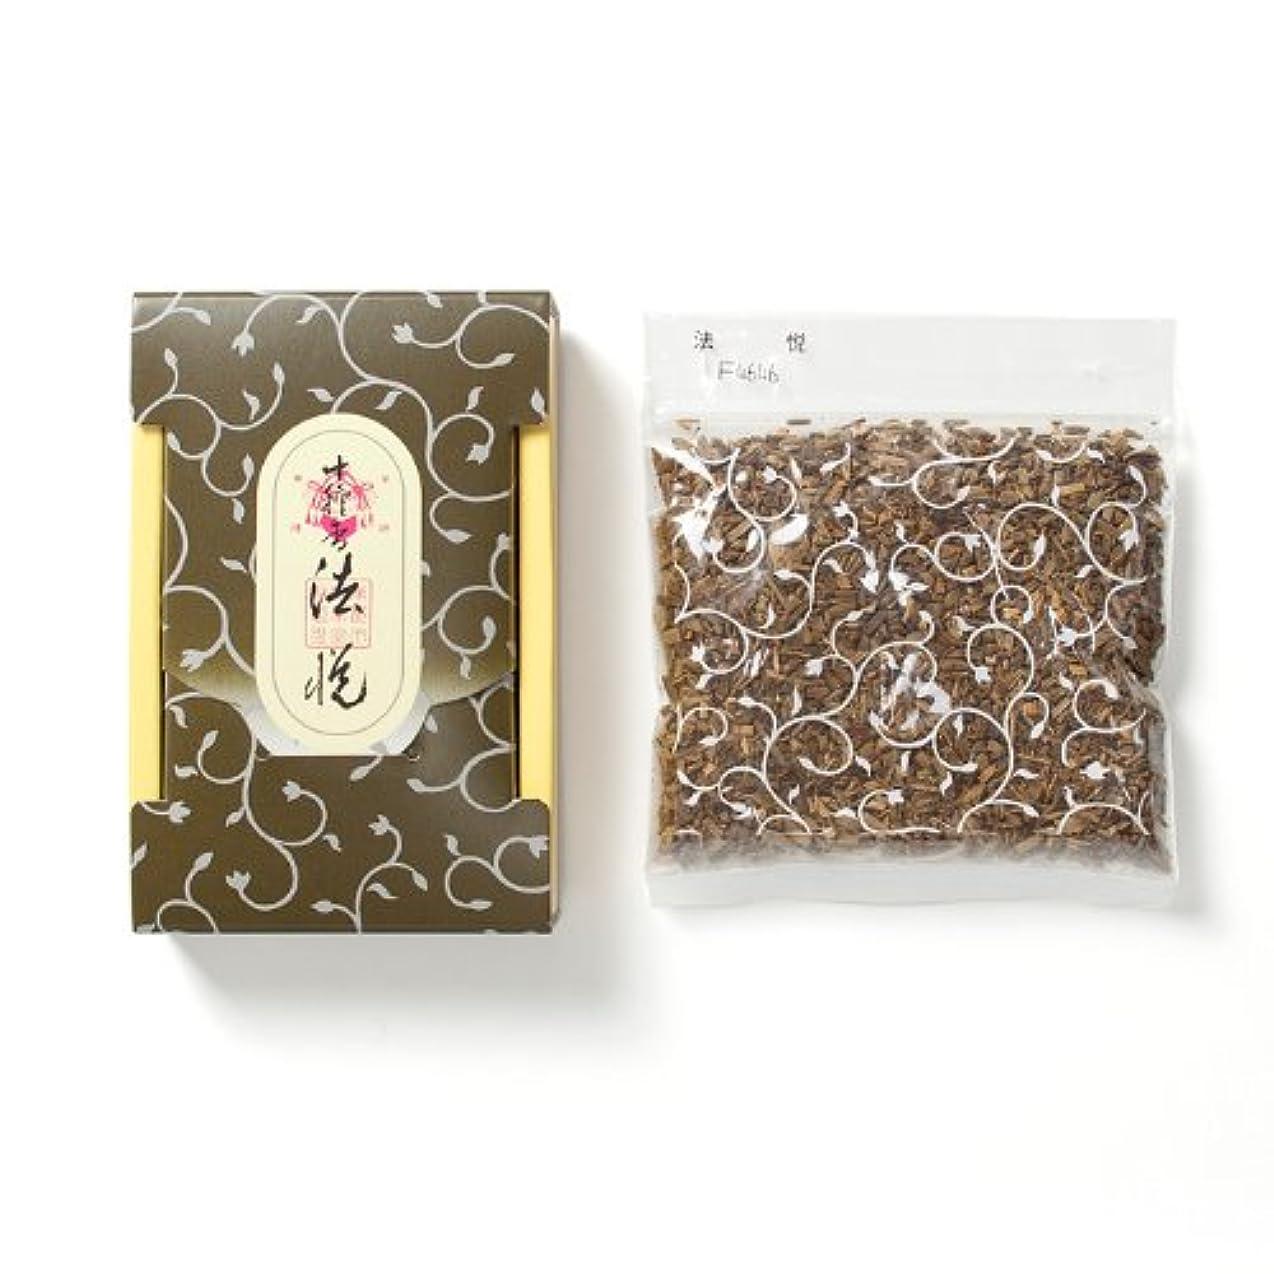 強化マディソン適用済み松栄堂のお焼香 十種香 法悦 25g詰 小箱入 #411041